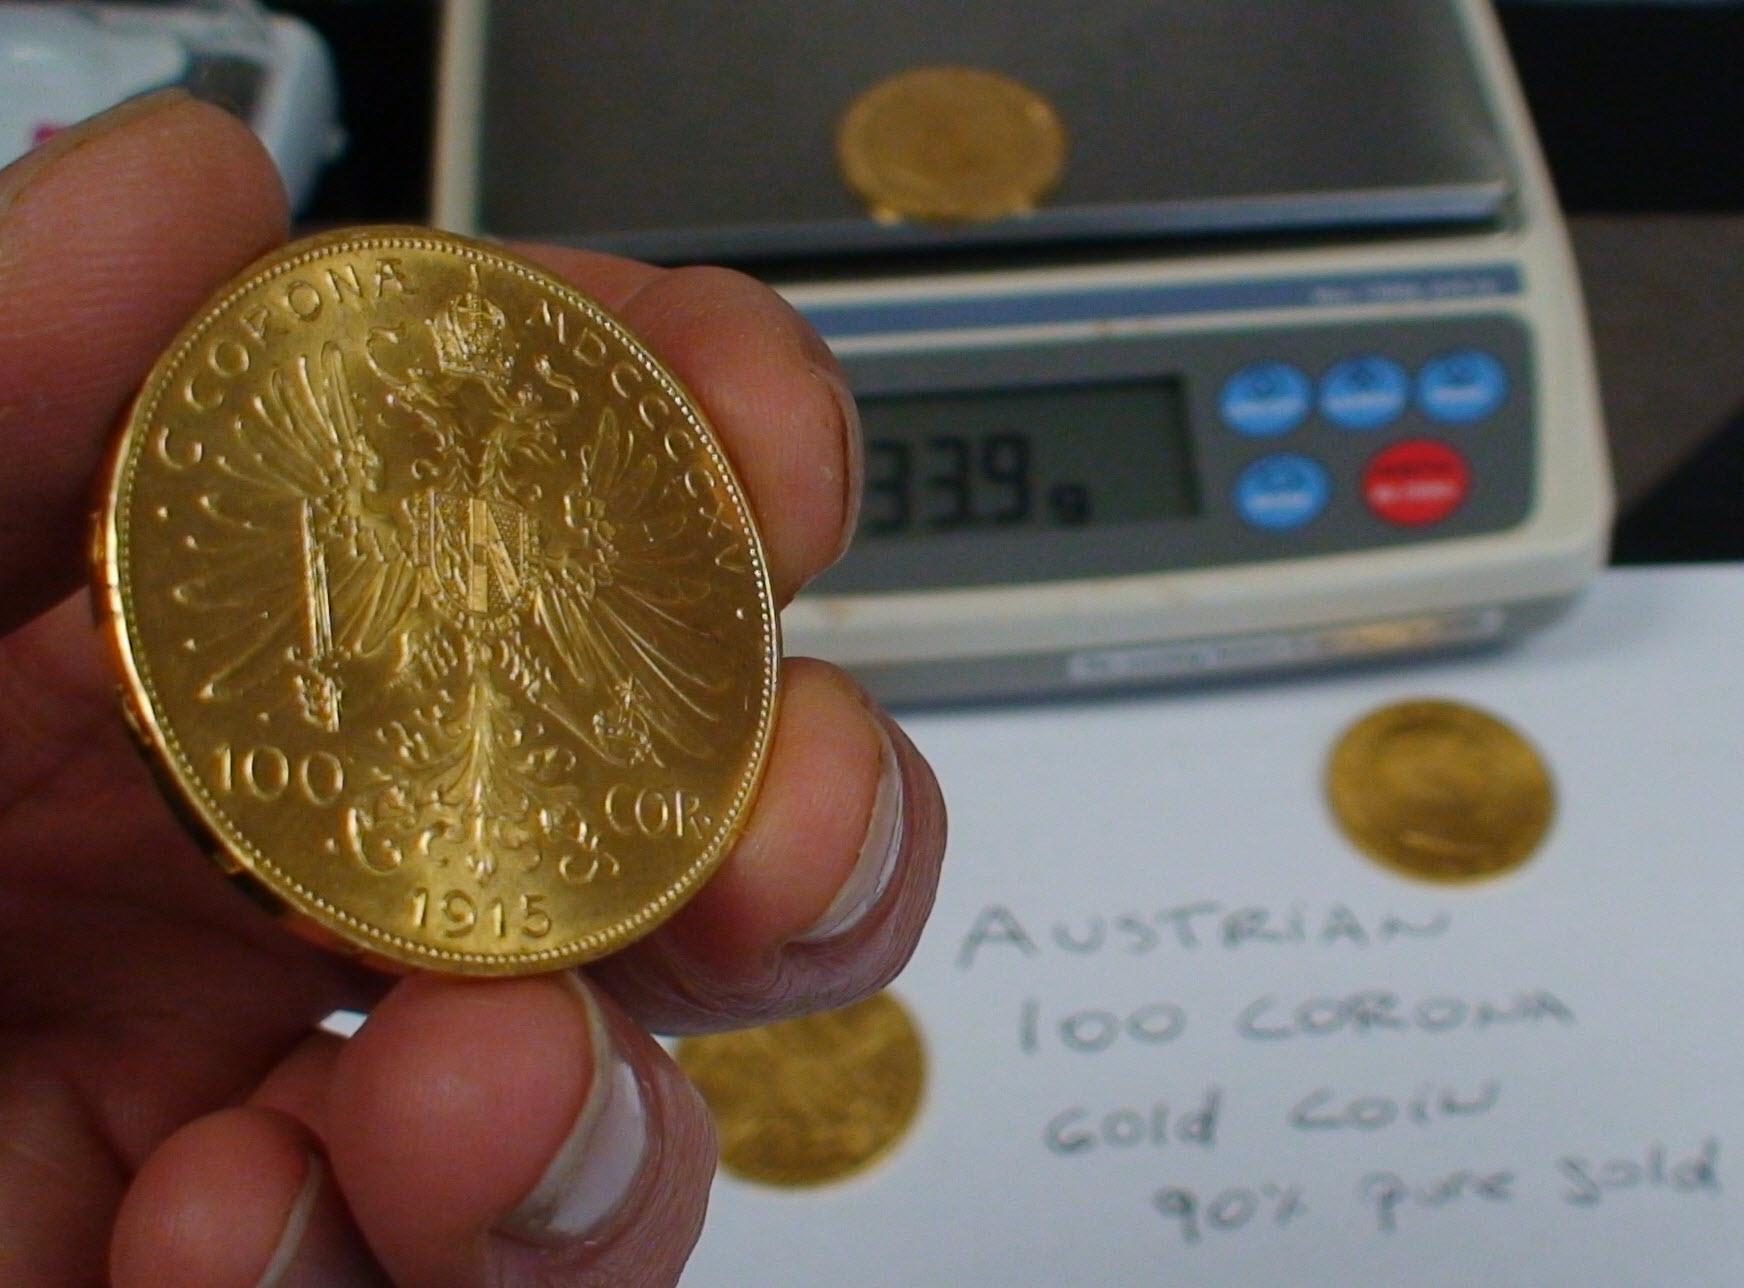 100 Corona Gold Coin